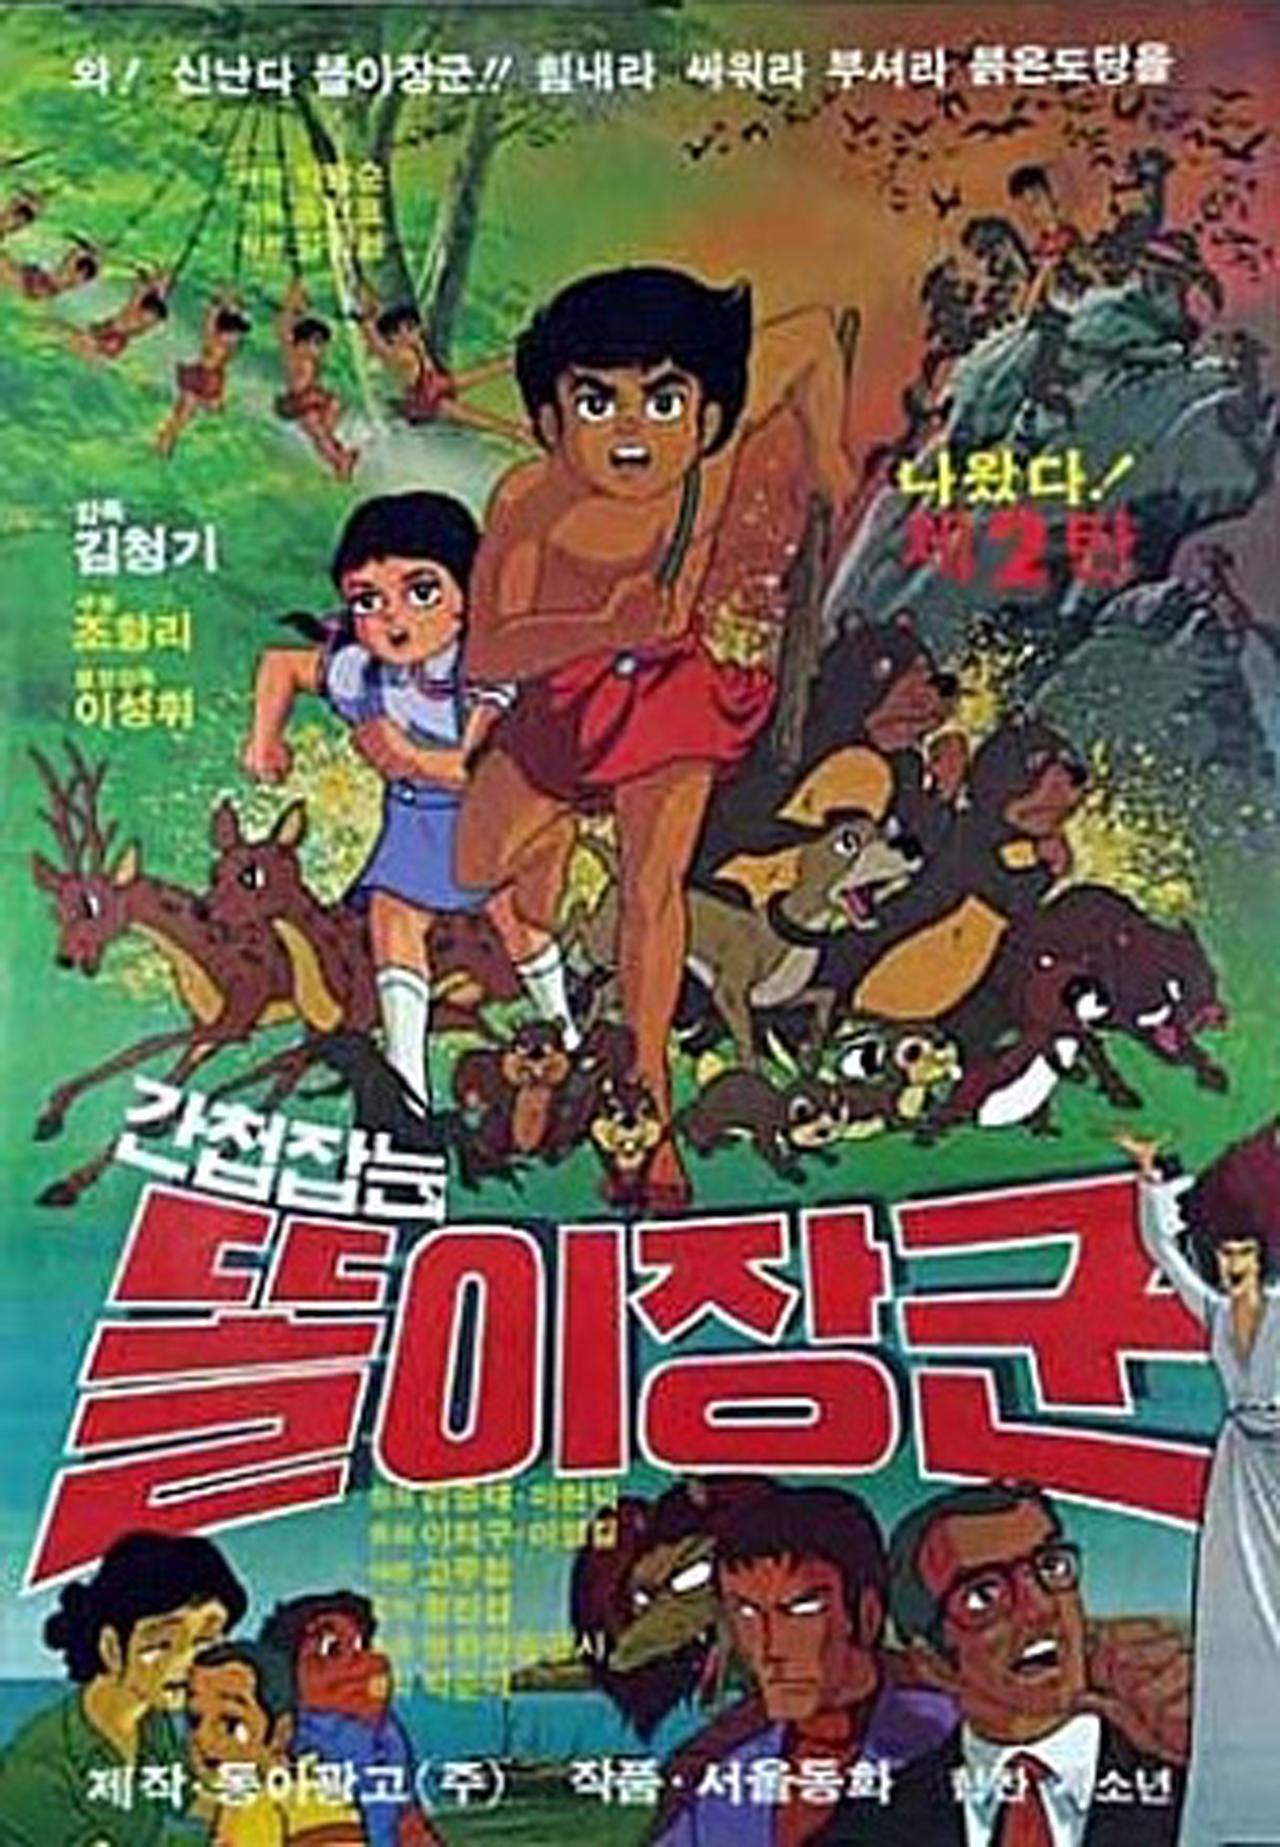 김청기 감독의 반공영화 똘이장군 비록 극장에서 본 만화영화는 아니었지만 TV속 똘이장군은 어린아이들에게 때로는 순진한 소년으로, 때로는 당시 초등학교에서도 교육했던 반공정신의 표상으로 상징됐다.